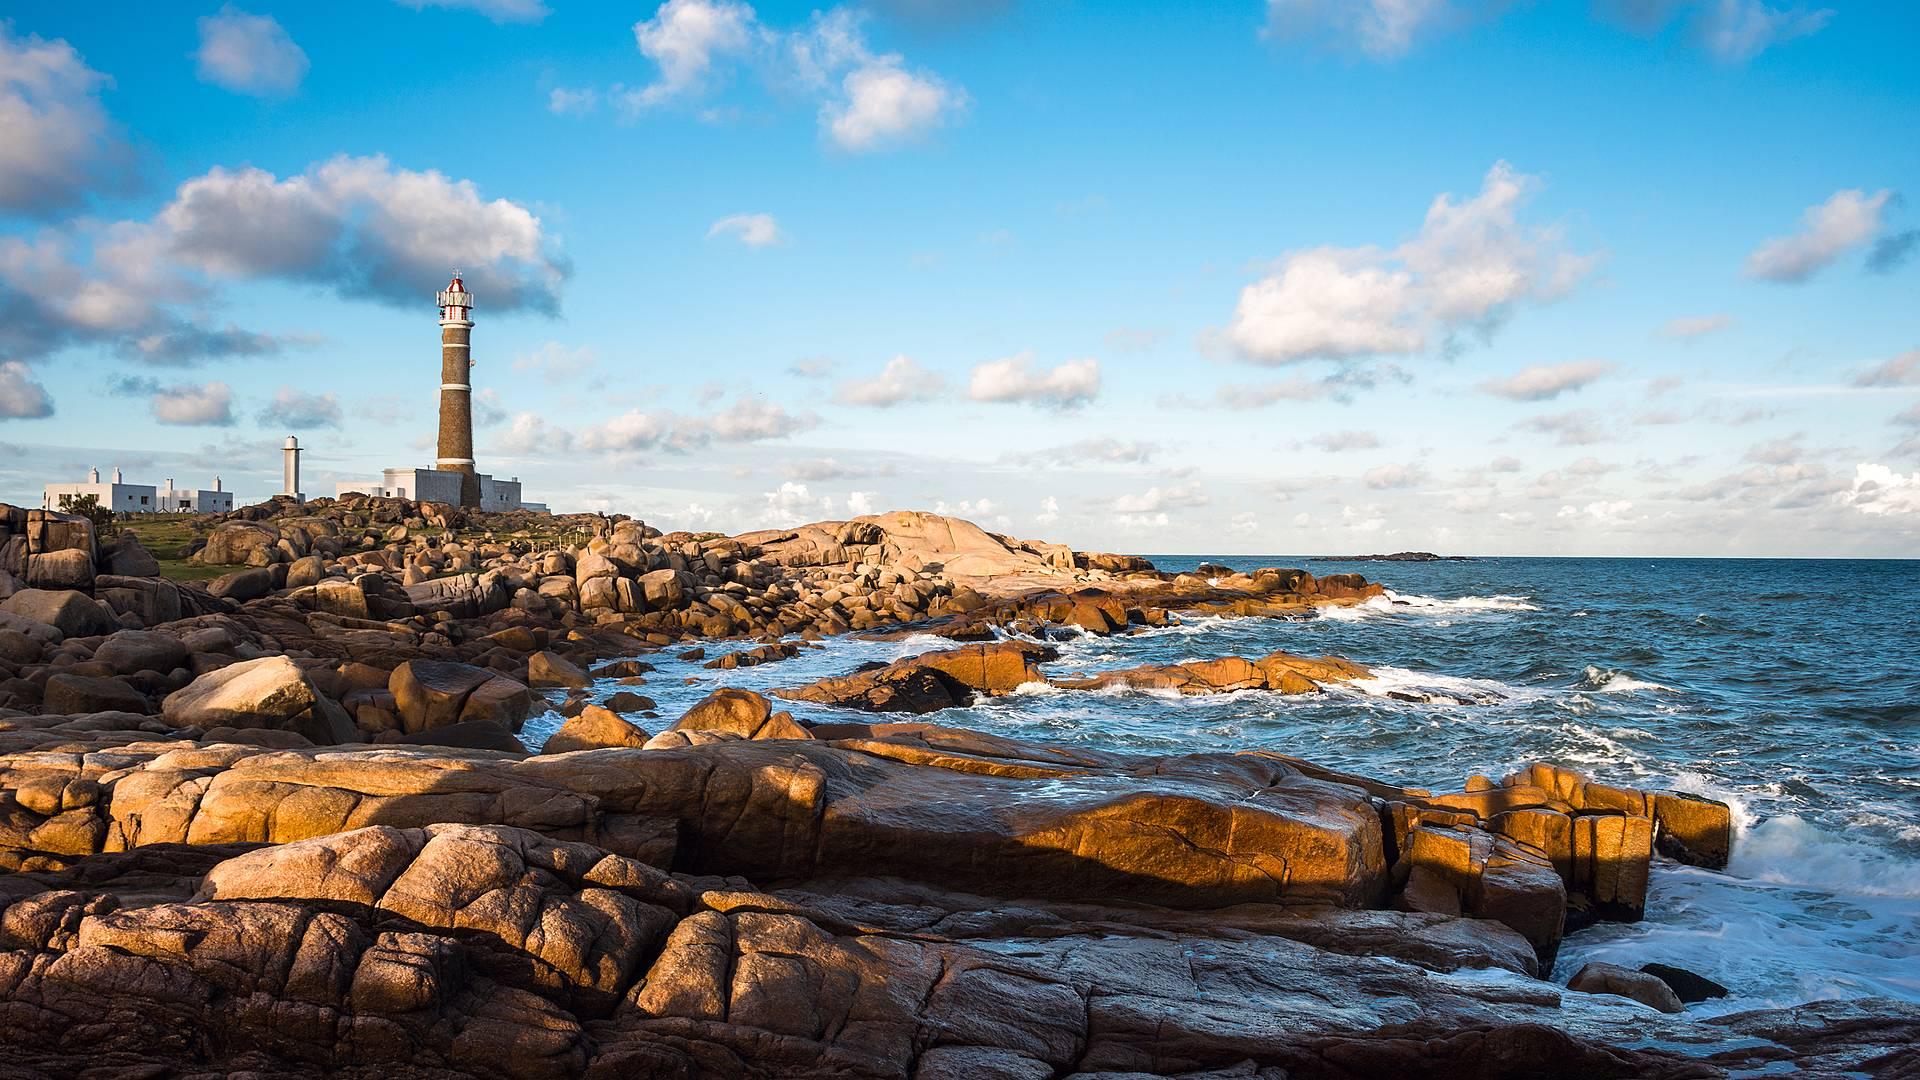 Autotour dans le Sud: Colonia, Montevideo, Punta del Este et Rocha